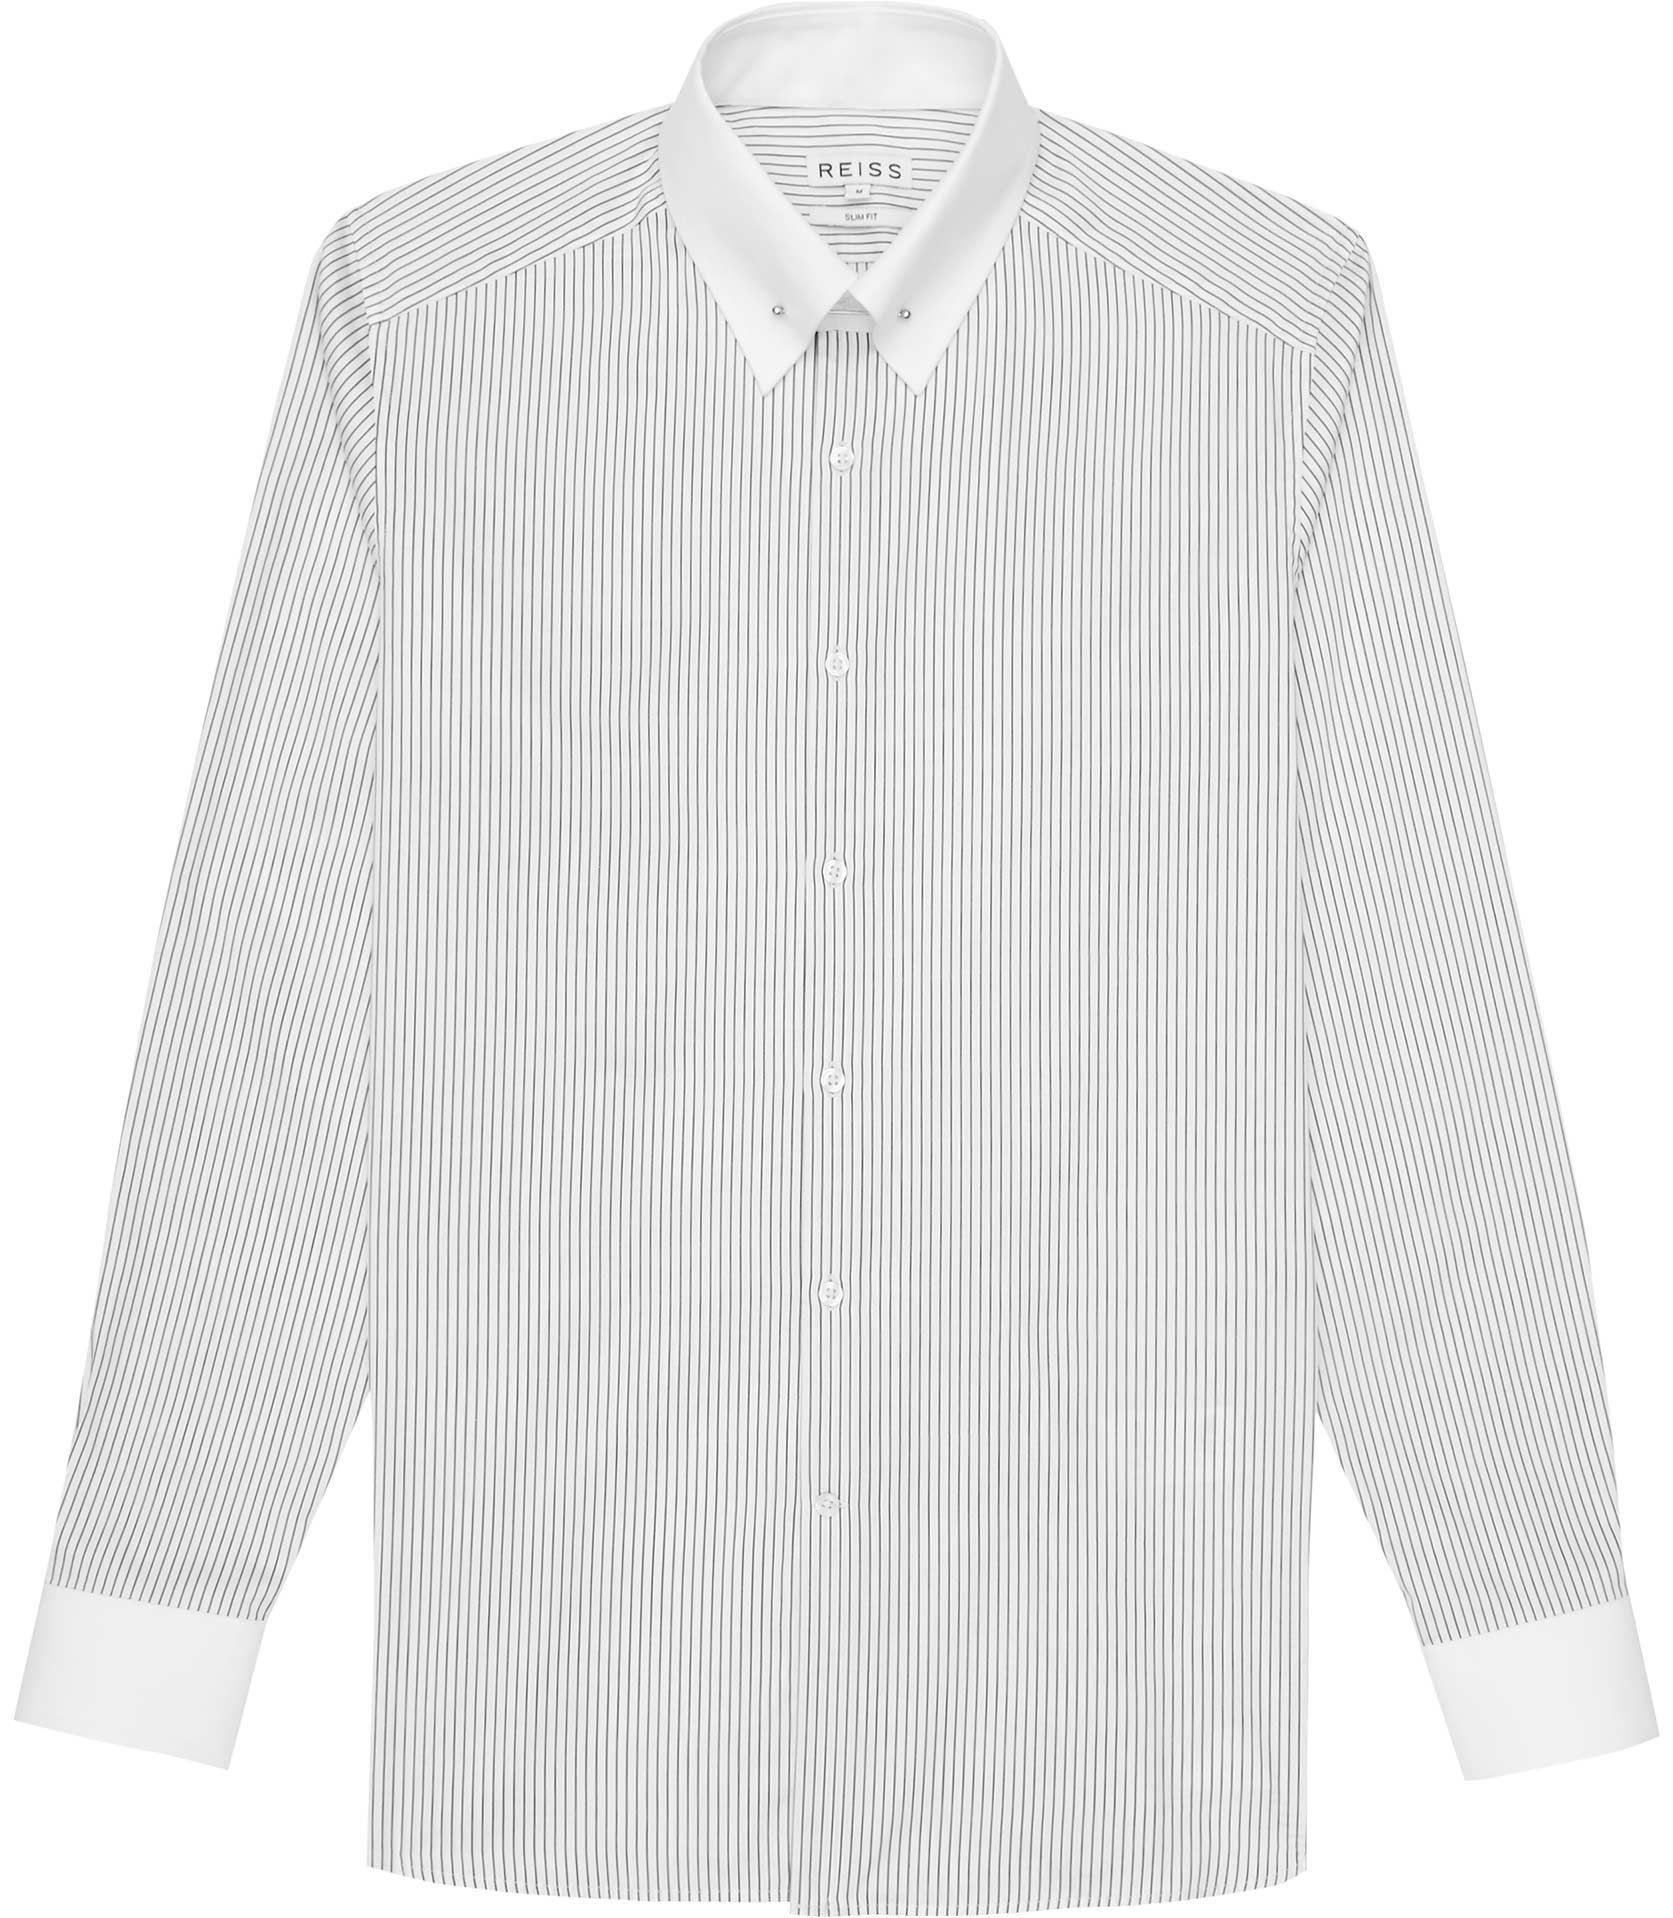 Black t shirt reiss - Mens White Stripe Collar Bar Shirt Reiss Shelby